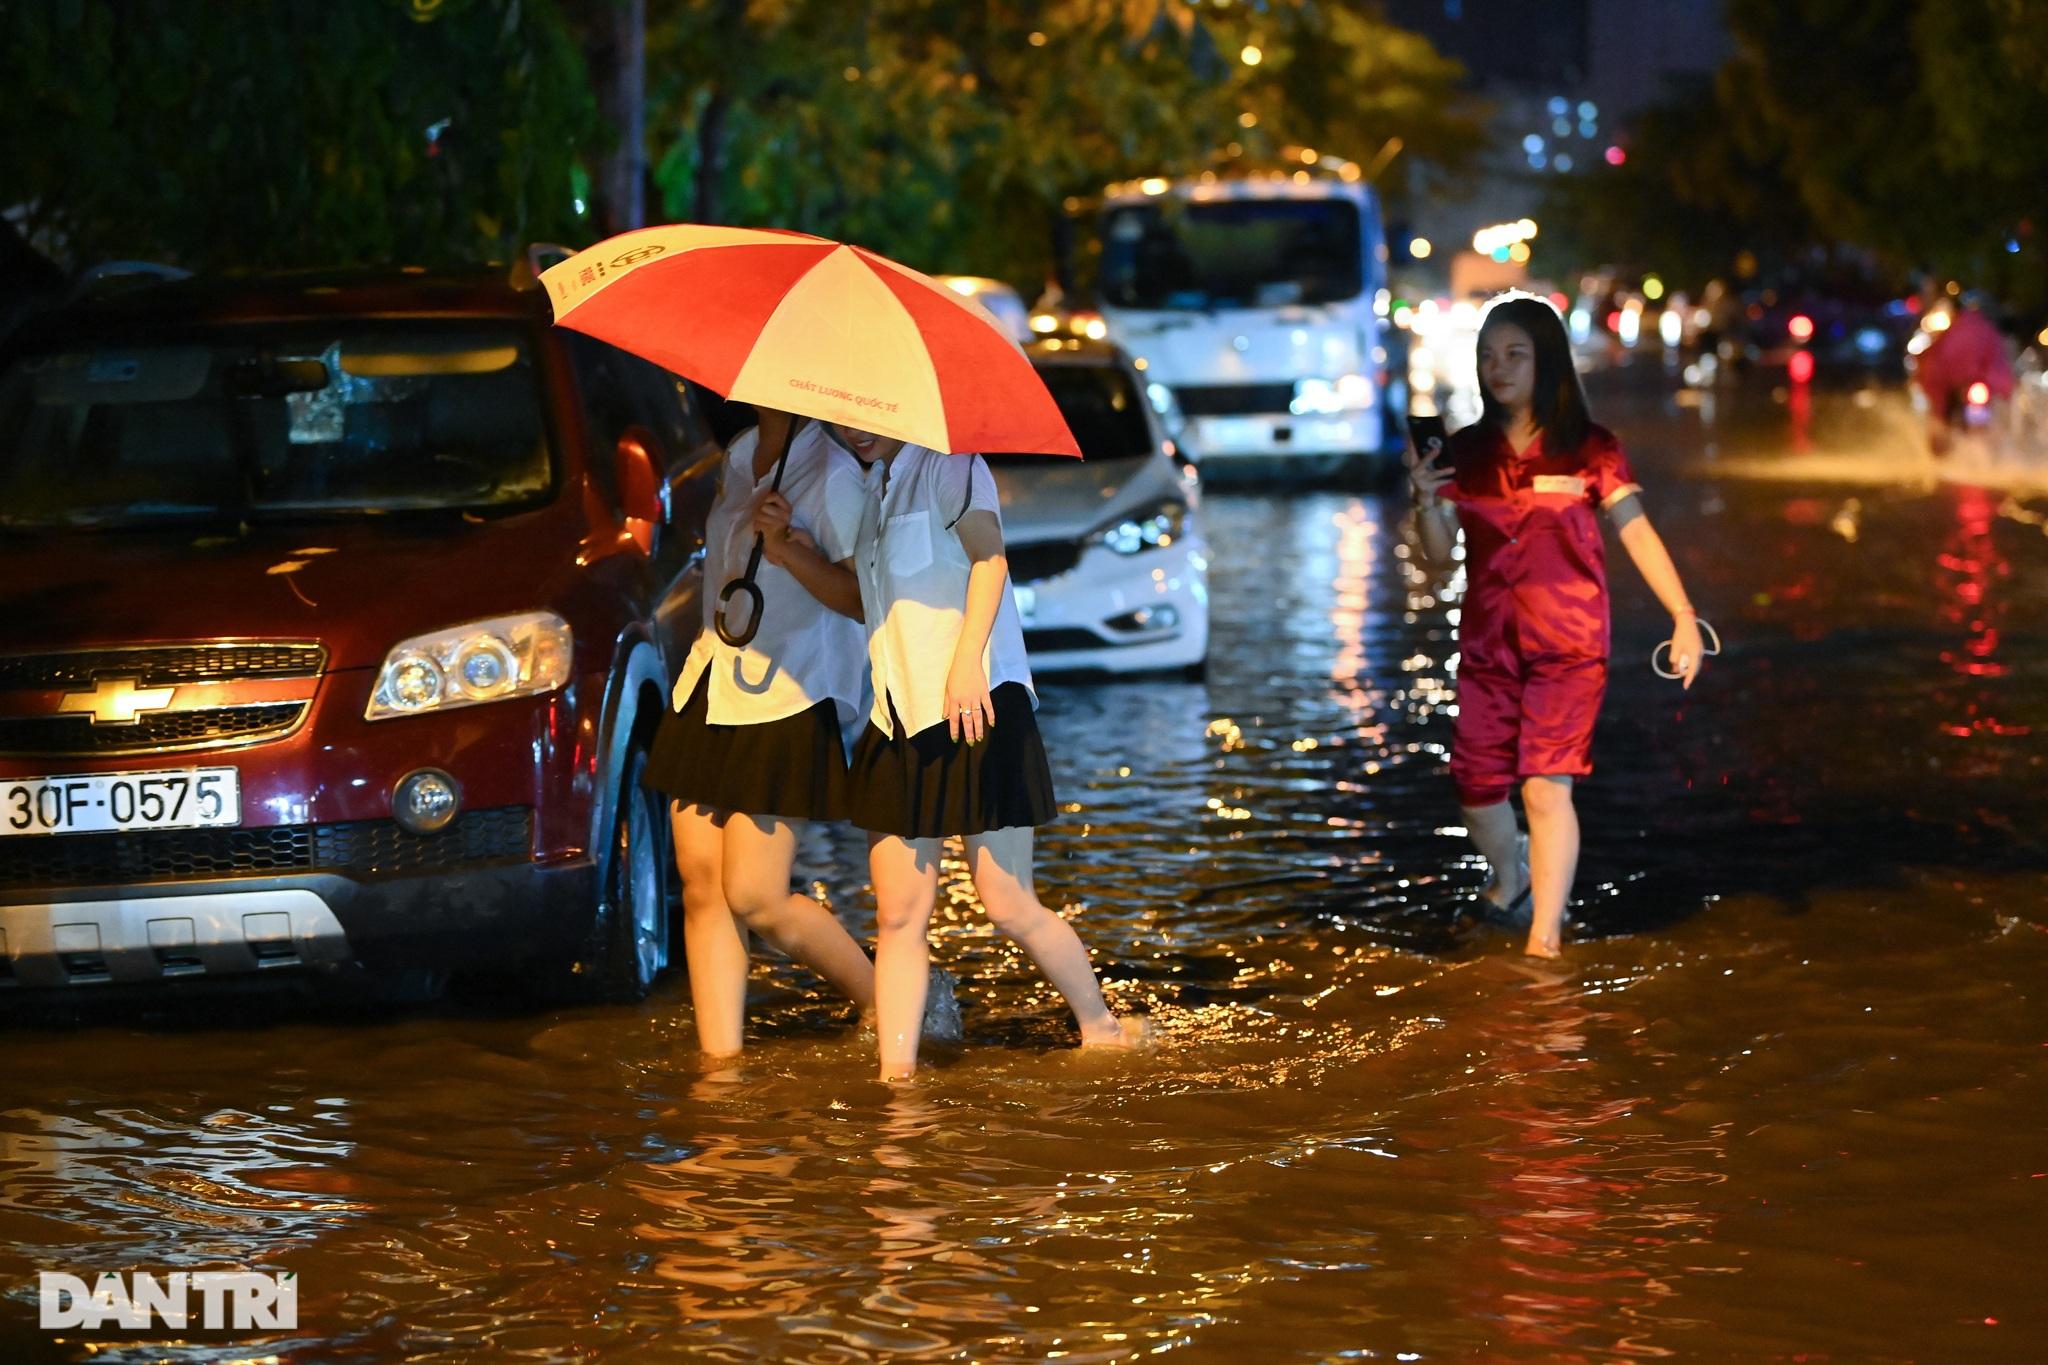 Hà Nội ngập sâu trong nước sau cơn mưa ngắn chưa đầy 1 tiếng đồng hồ - 25